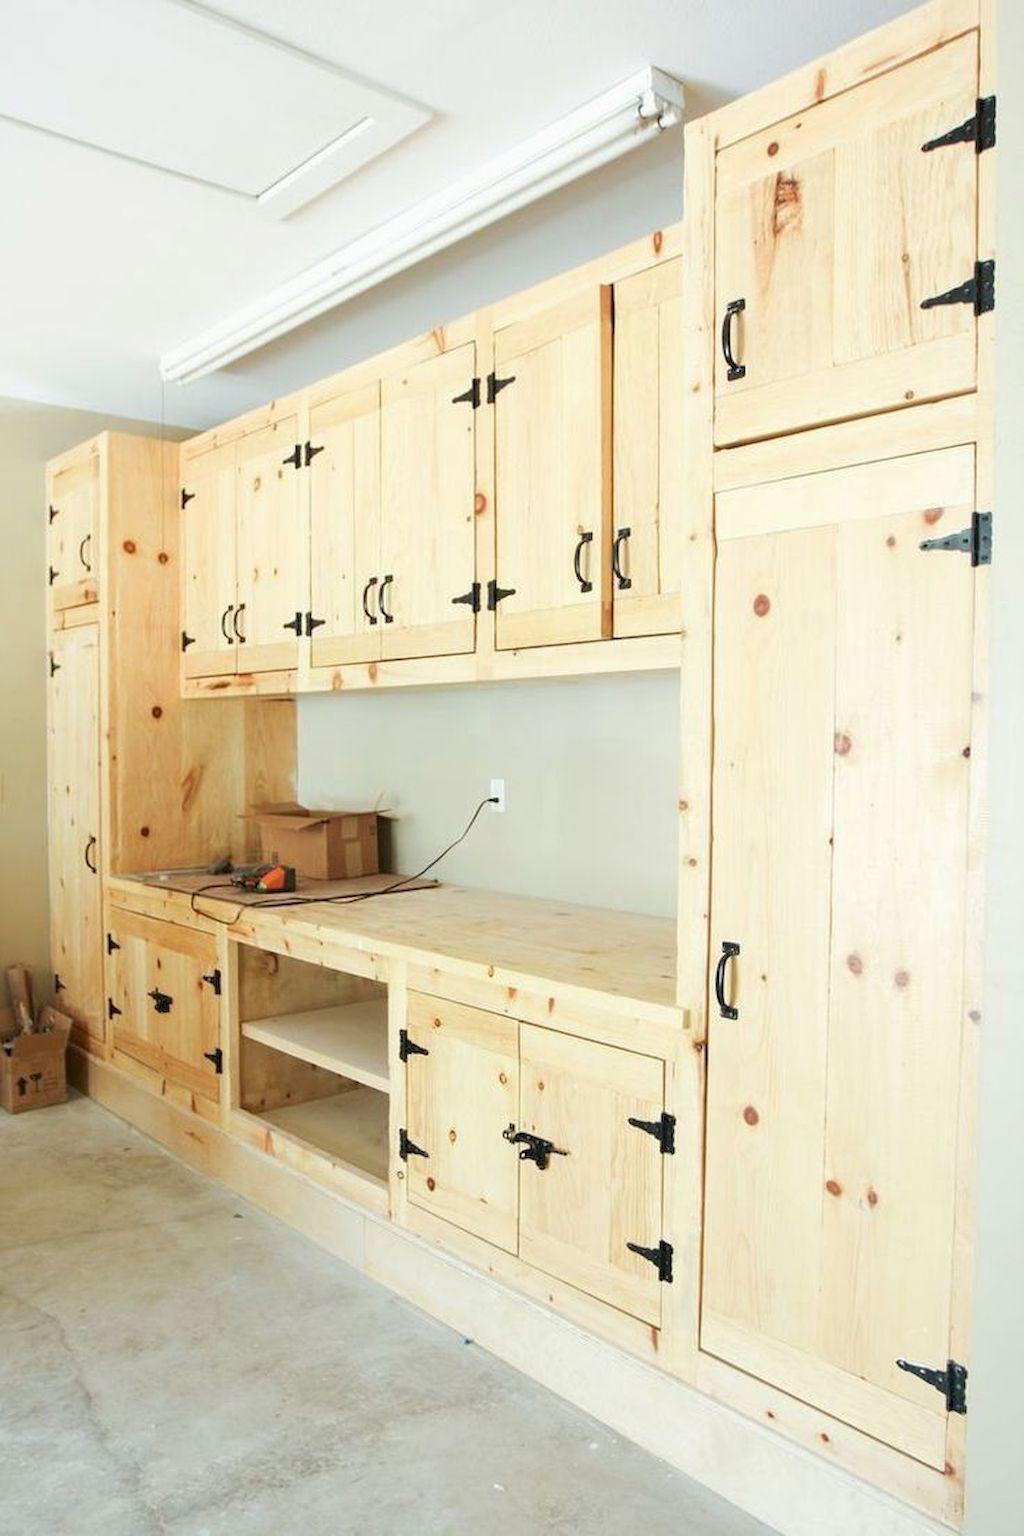 45 clever ideas to organize your garage diy garage